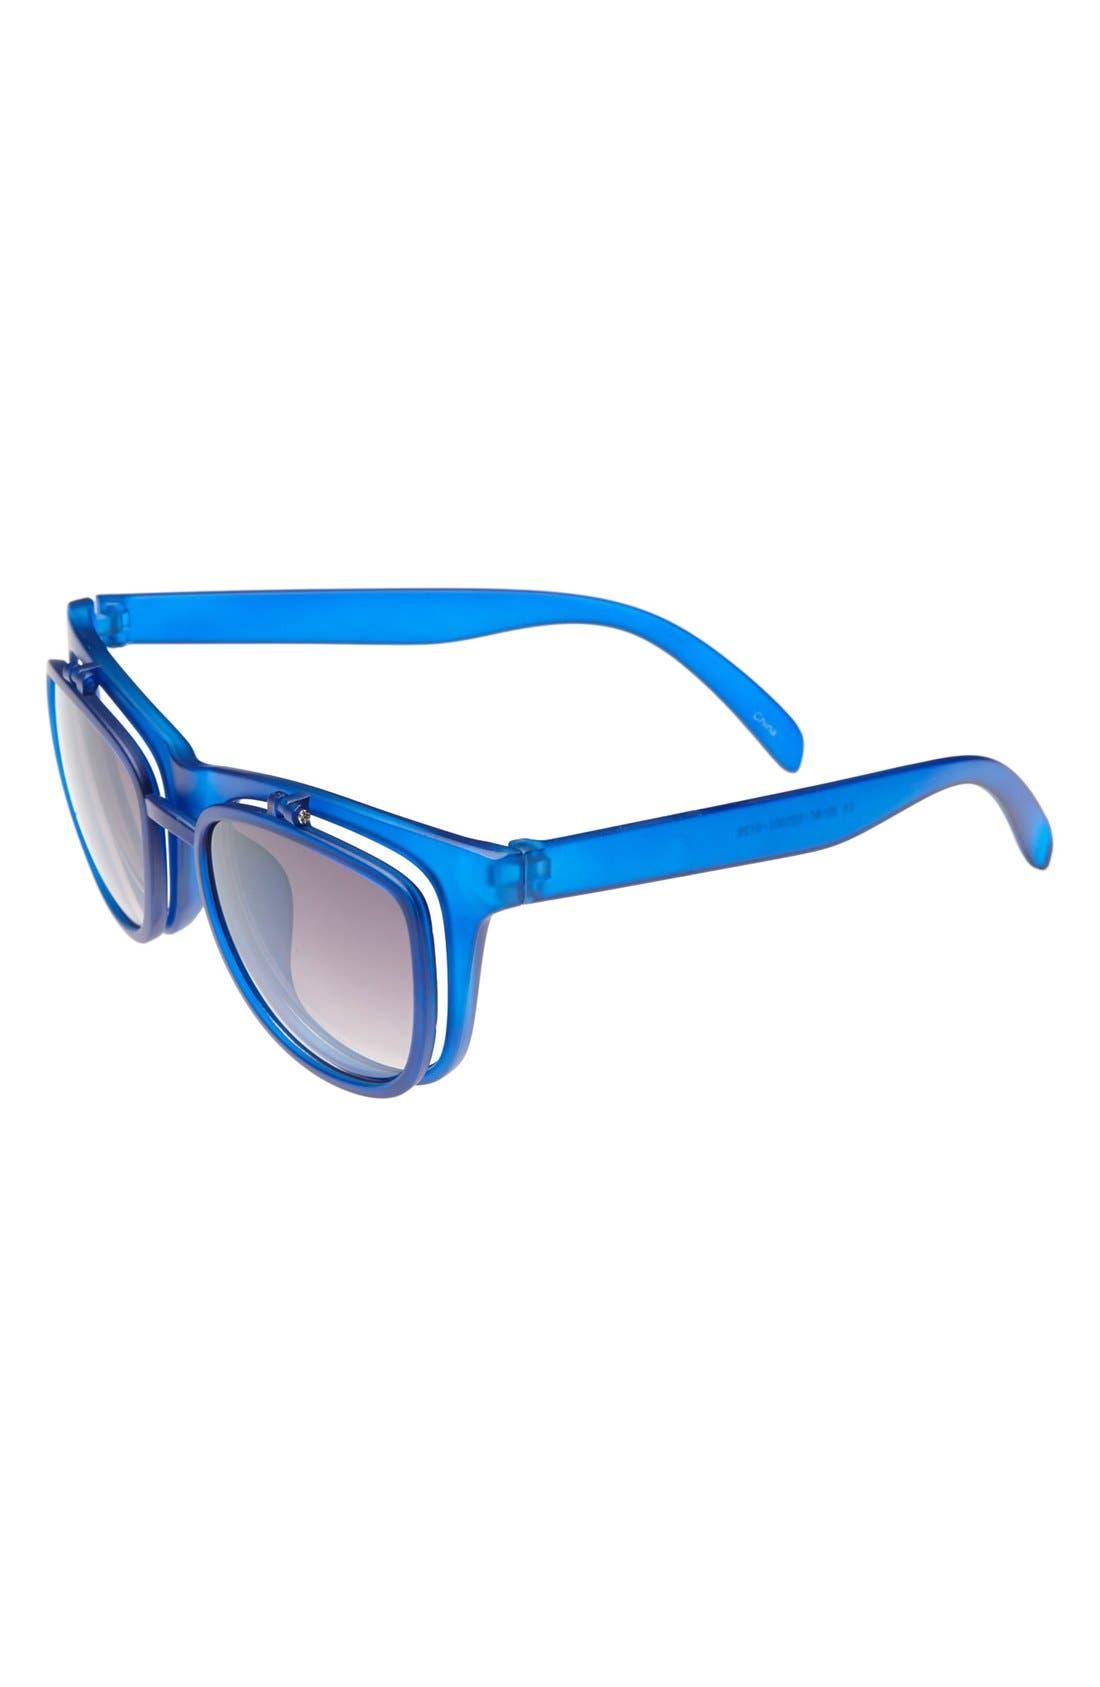 Alternate Image 1 Selected - Icon Eyewear 'Mason' Flip-Up Sunglasses (Boys)